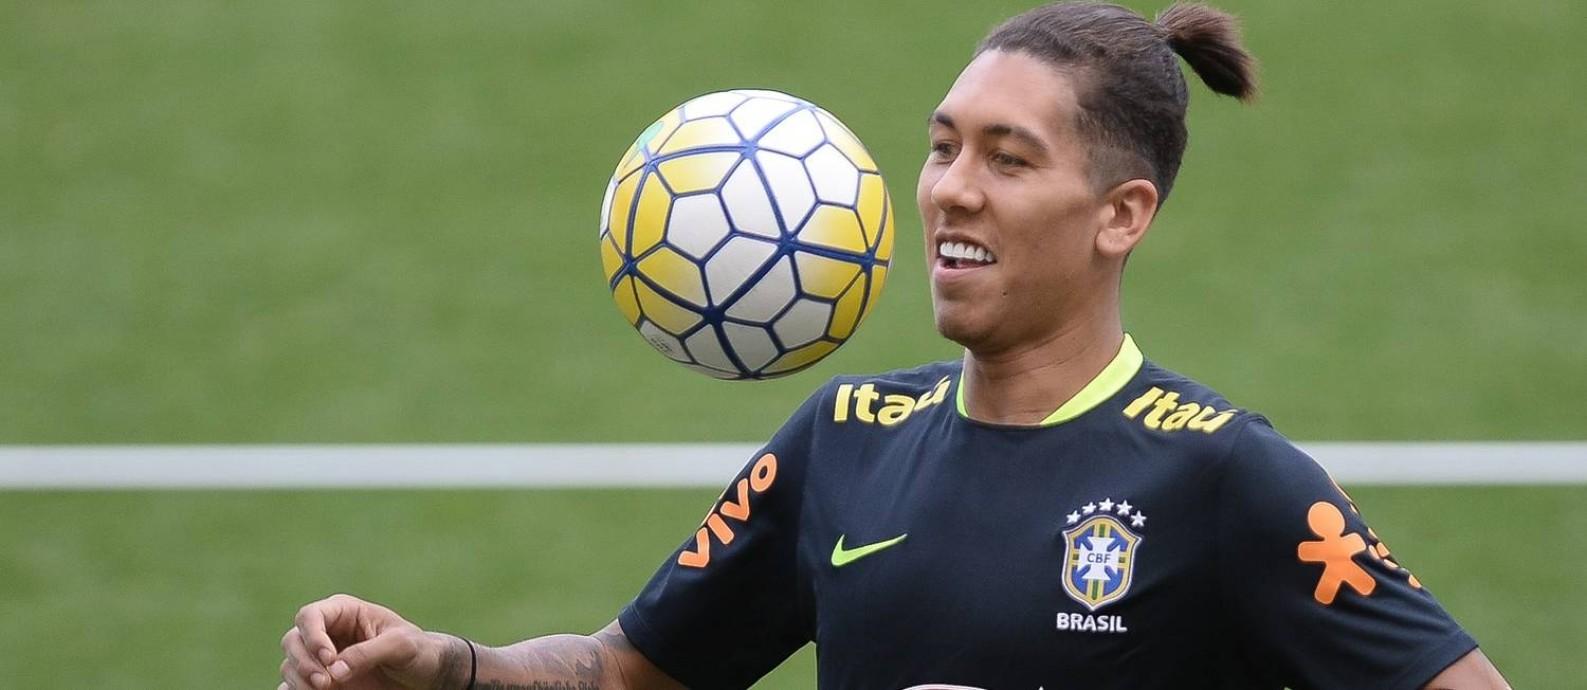 Firmino no treino da seleção. Atacante do Liverpool está vivendo a melhor fase na carreira Foto: Pedro Martins / MoWA Press